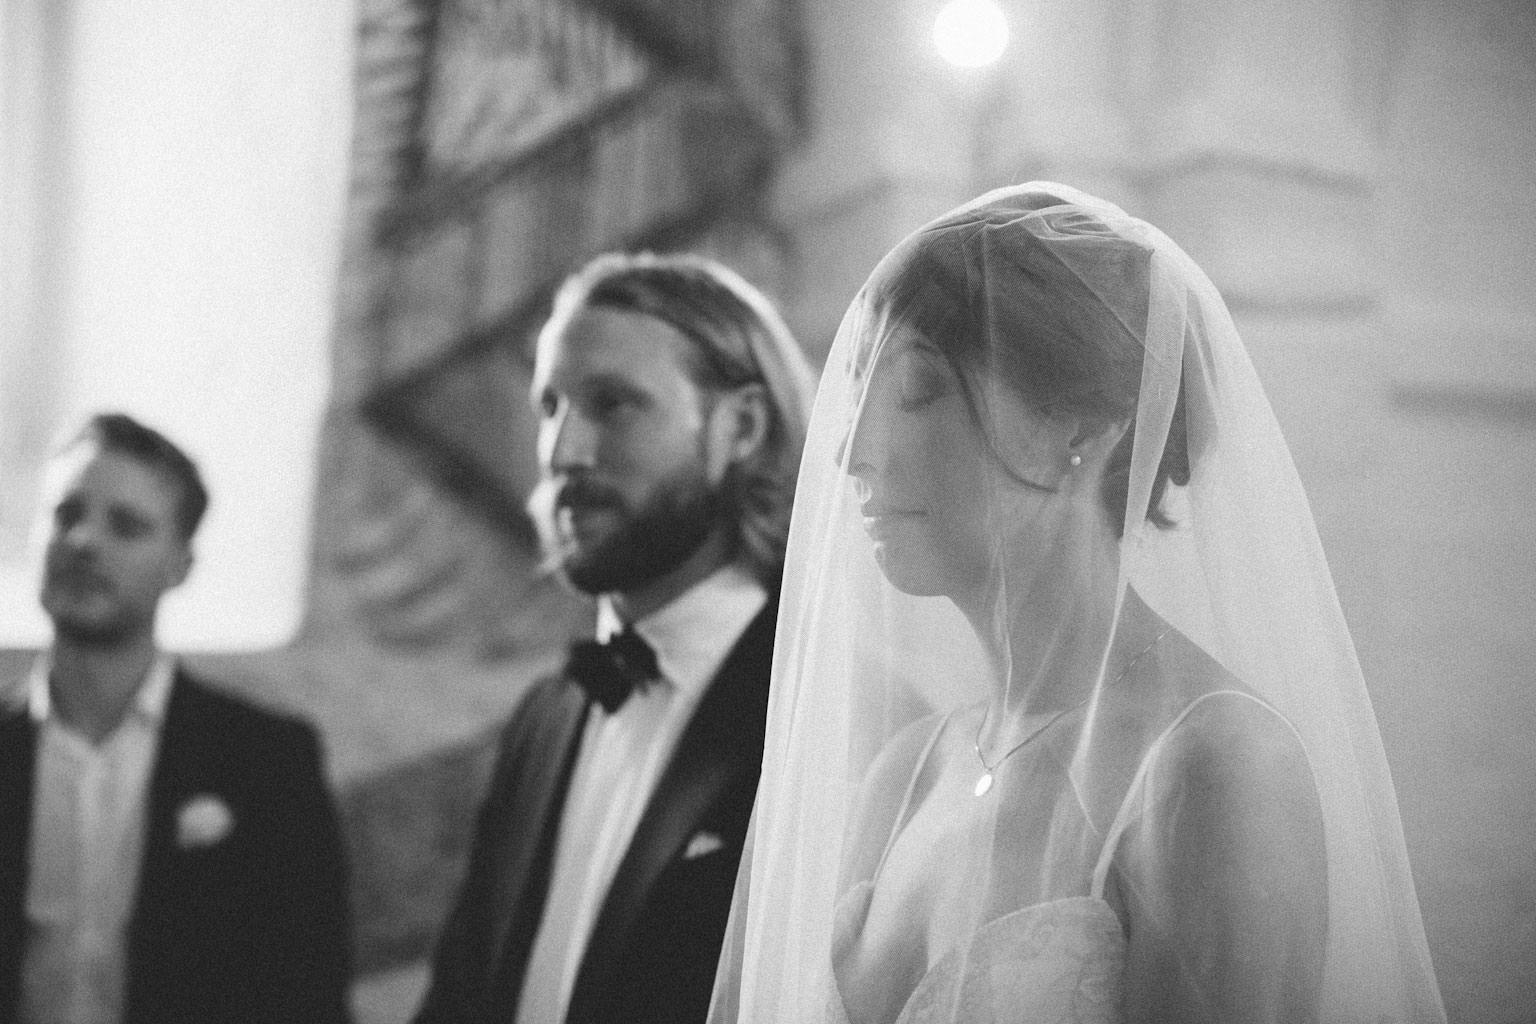 Vigsel i Hannas kyrka, medeltidskyrka i Skåne. Foto: Tove Lundquist, verksam bröllopsfotograf Österlen.